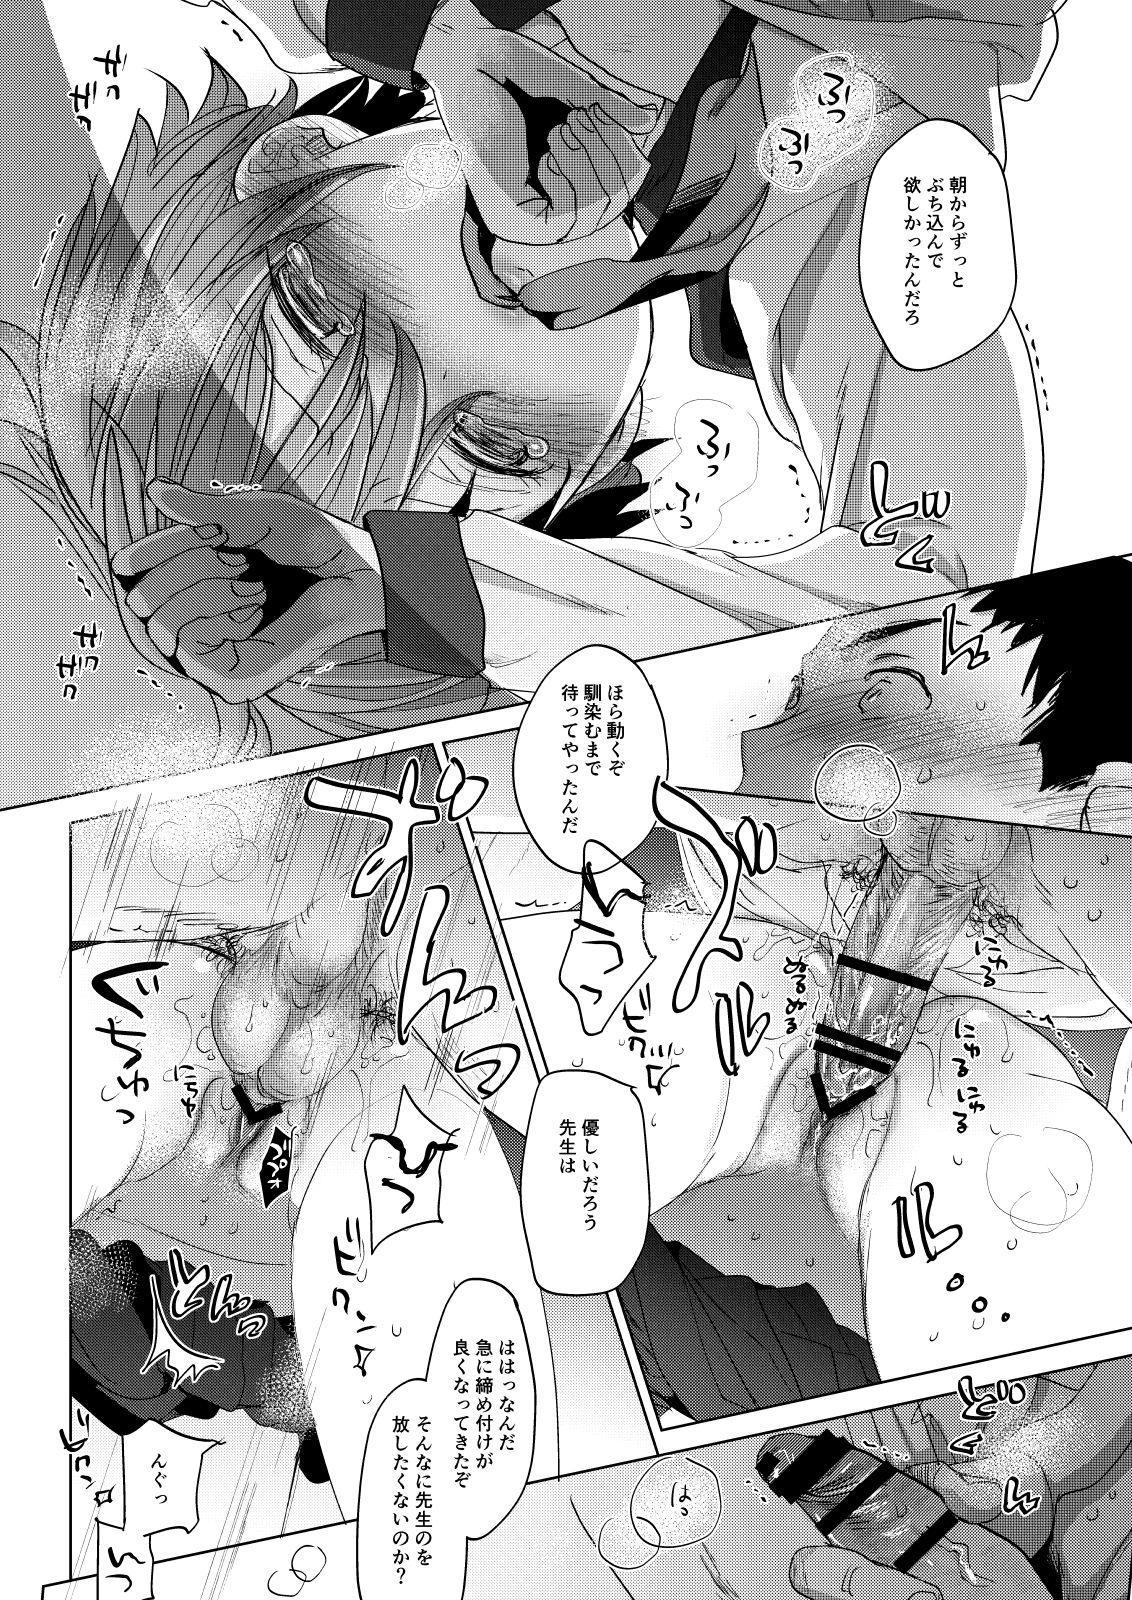 Ore no Himitsu Kichi 19